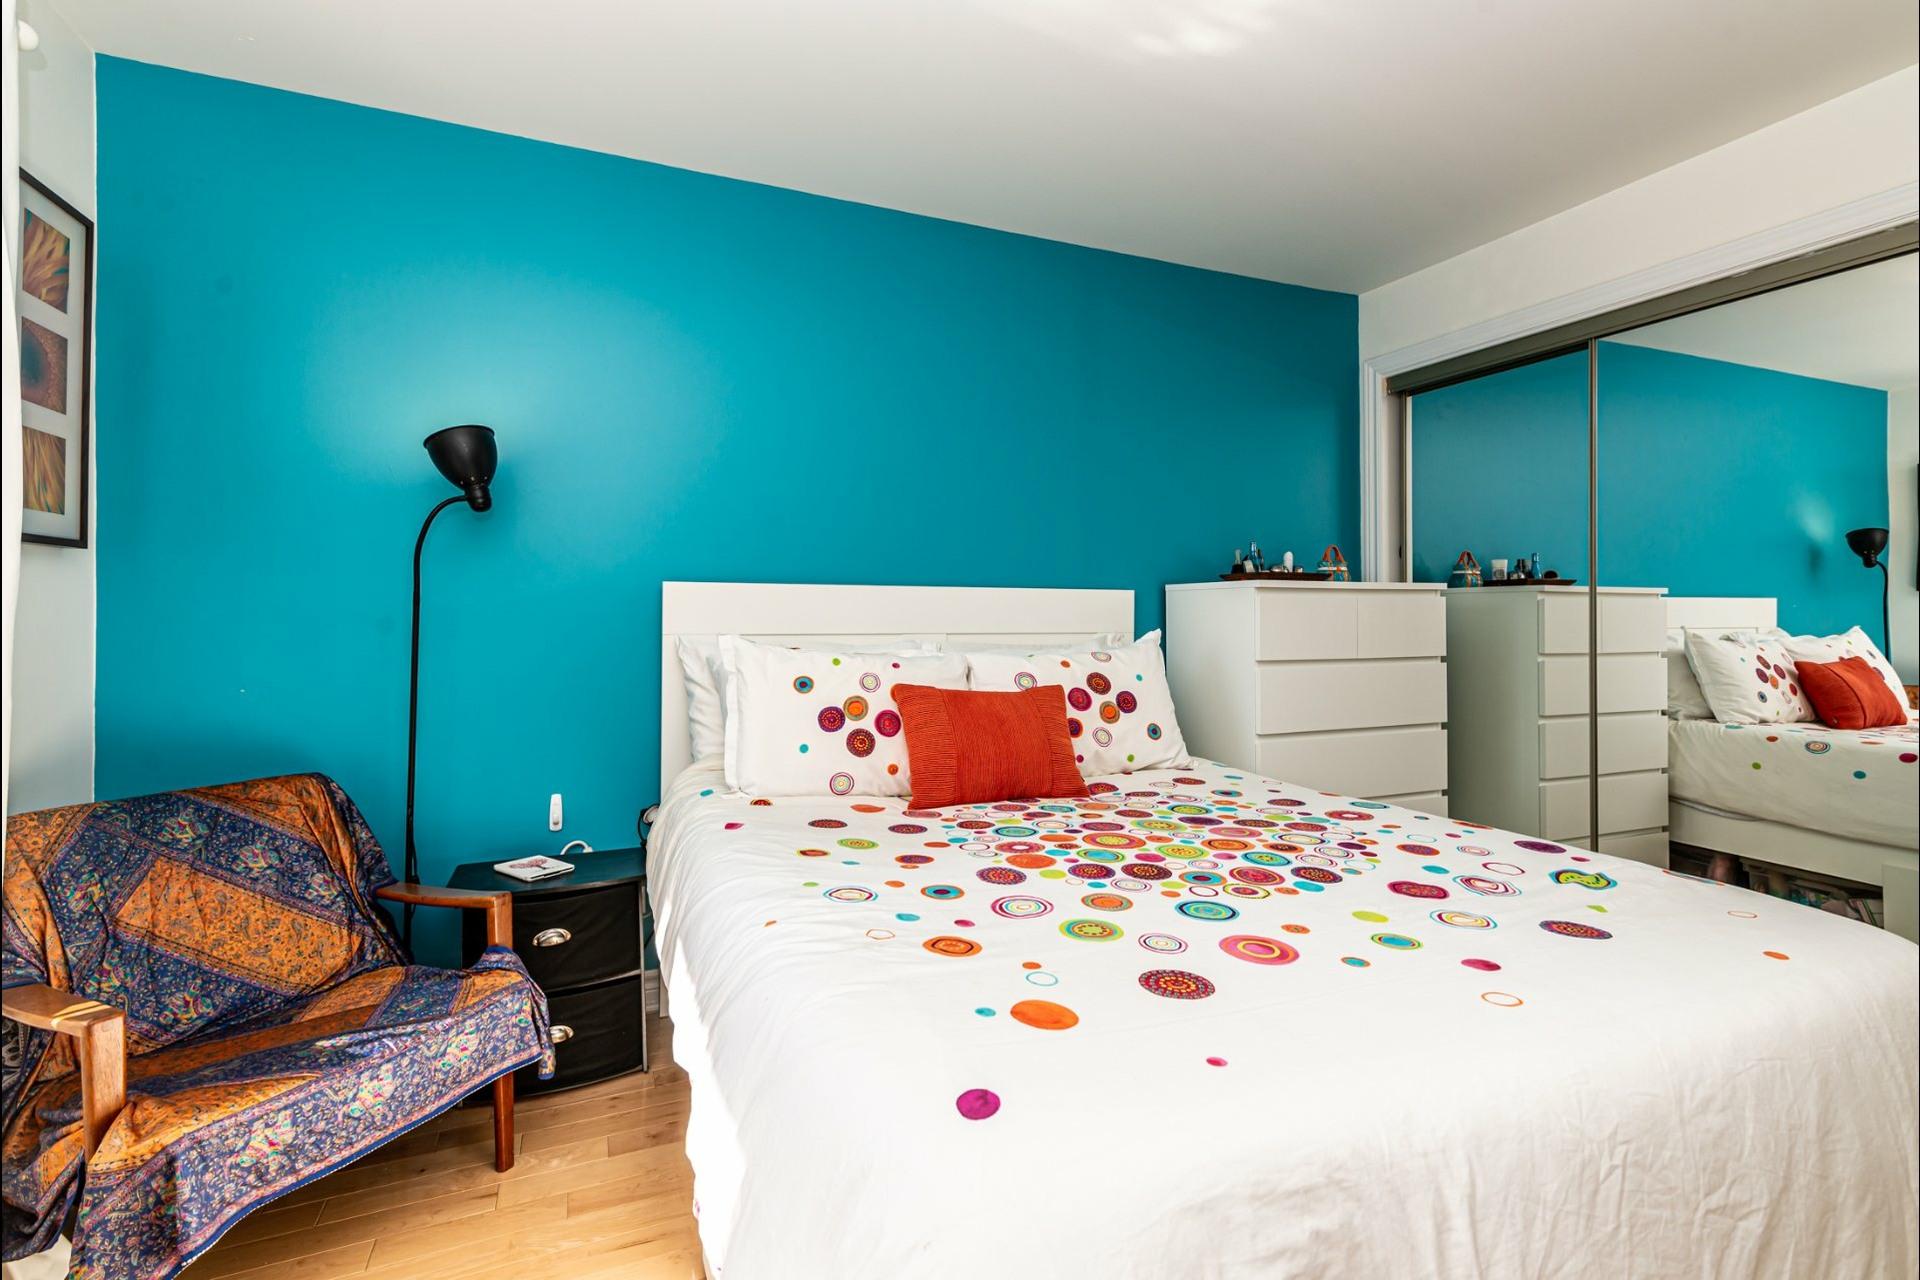 image 13 - Apartment For sale Saint-Laurent Montréal  - 4 rooms